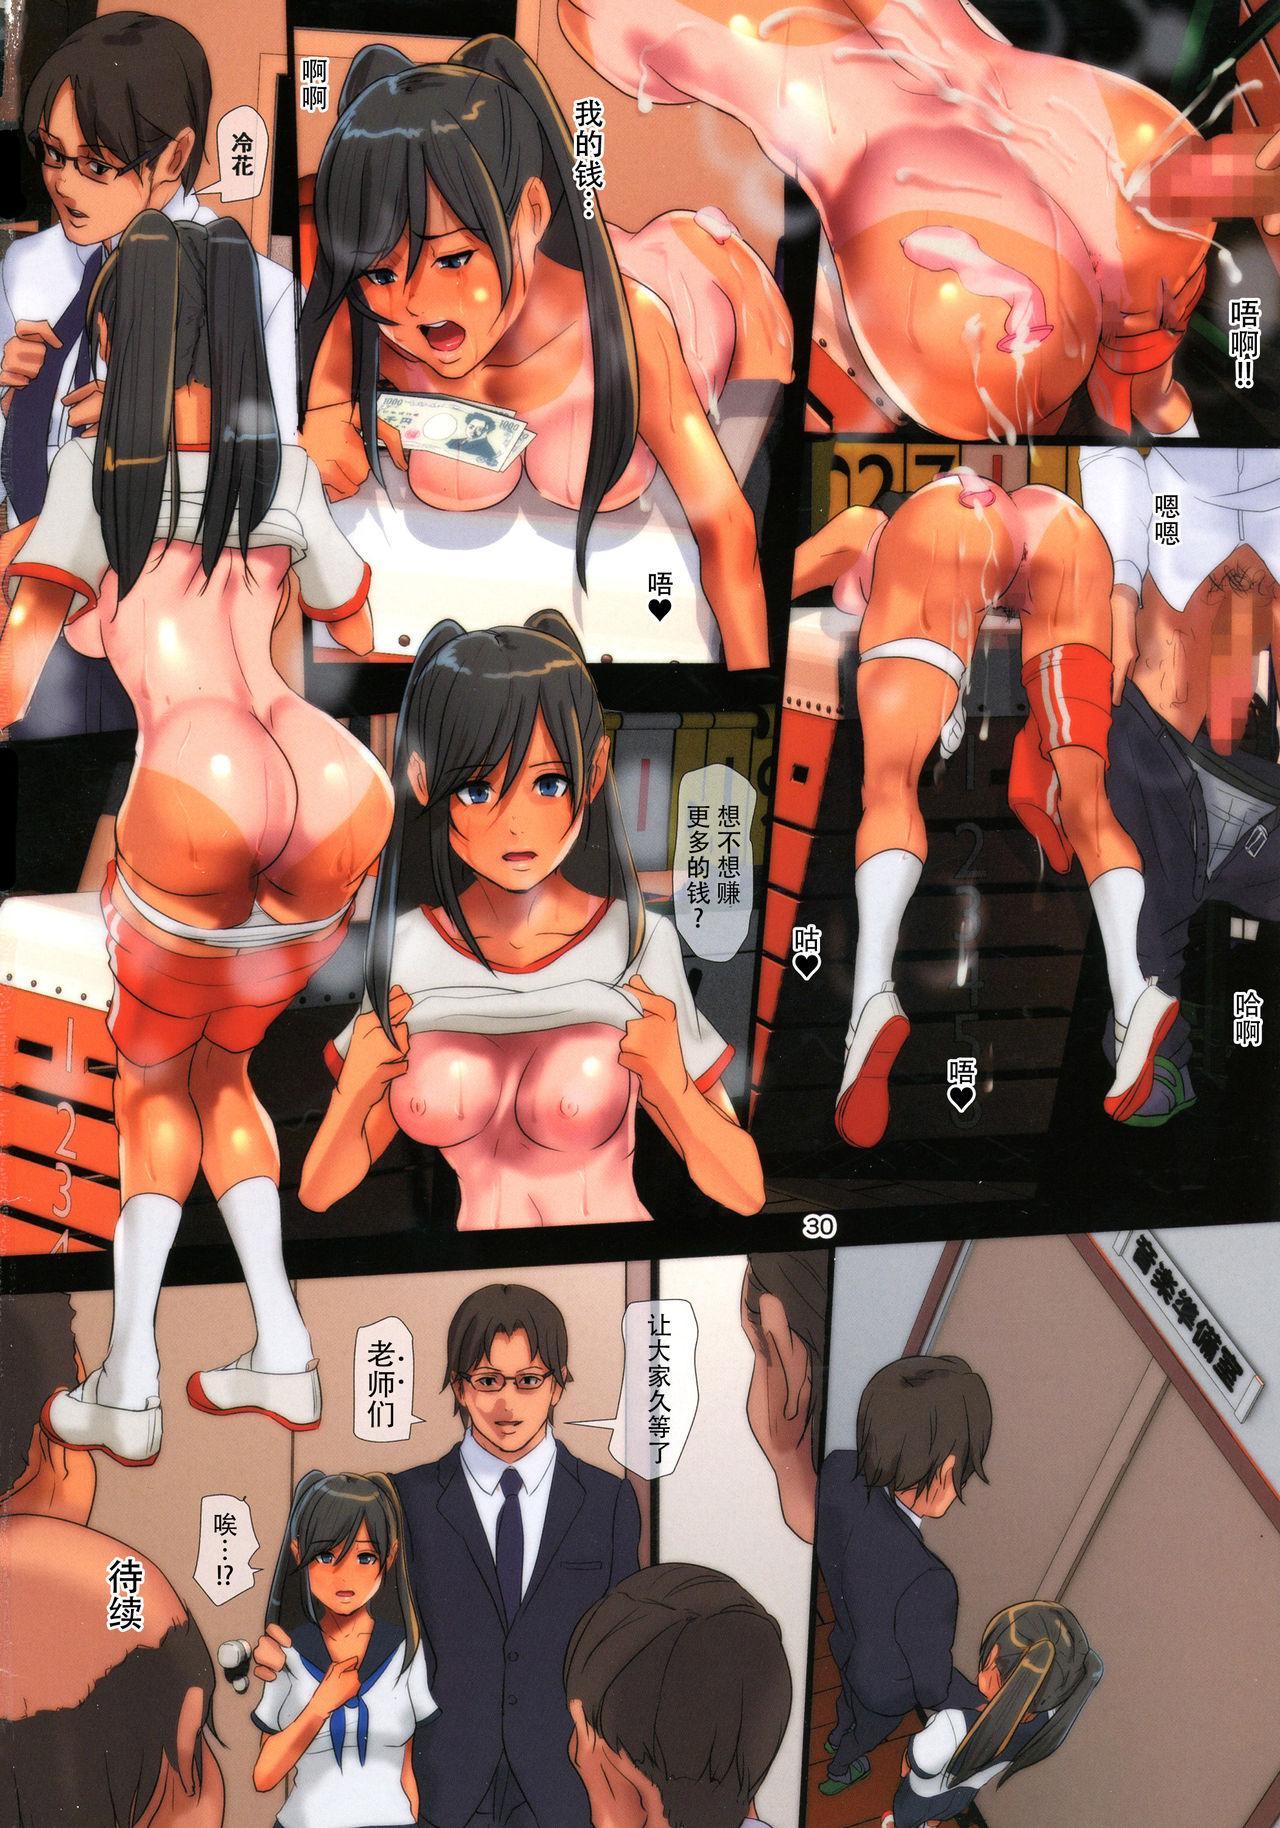 SinMother Bitch no Reika-chan Jo 29